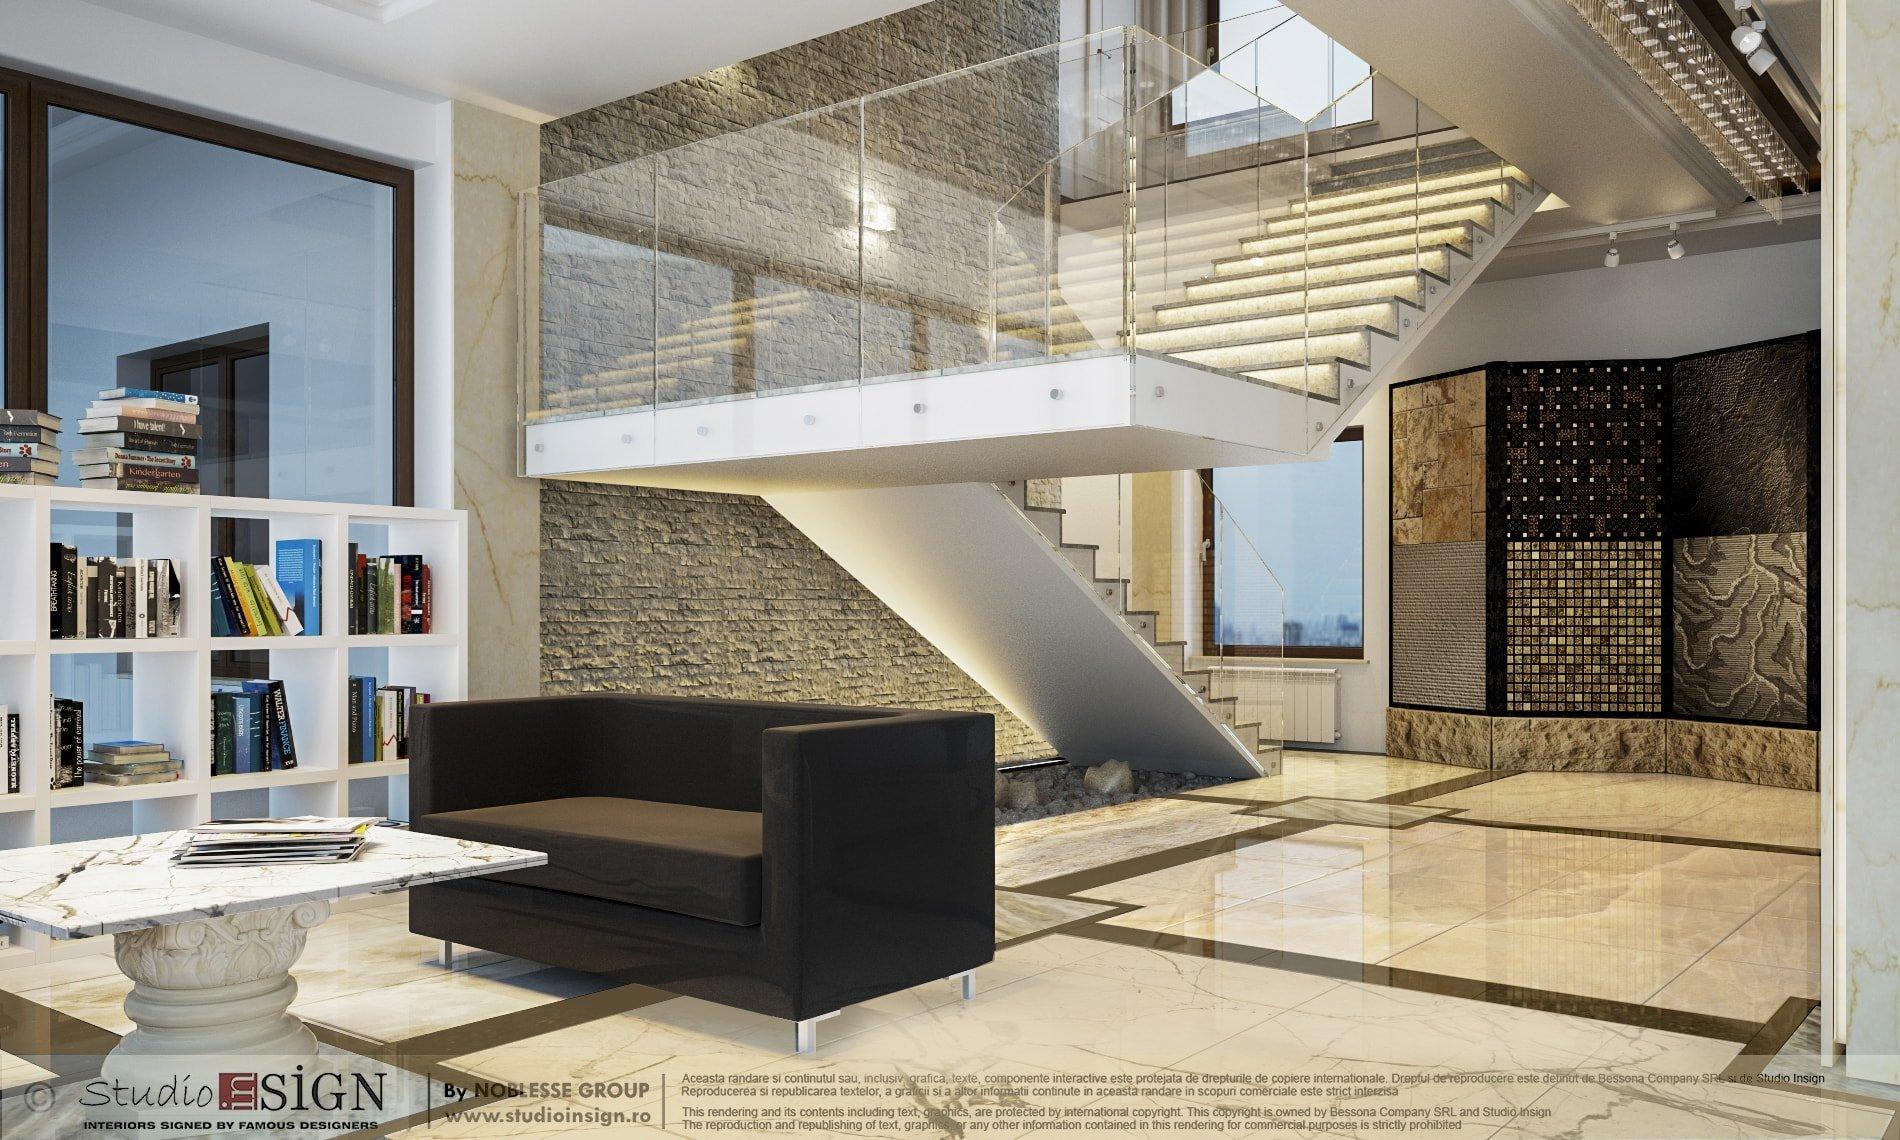 Interior Design Eclectic Case Vile Design Interior Studio Insign